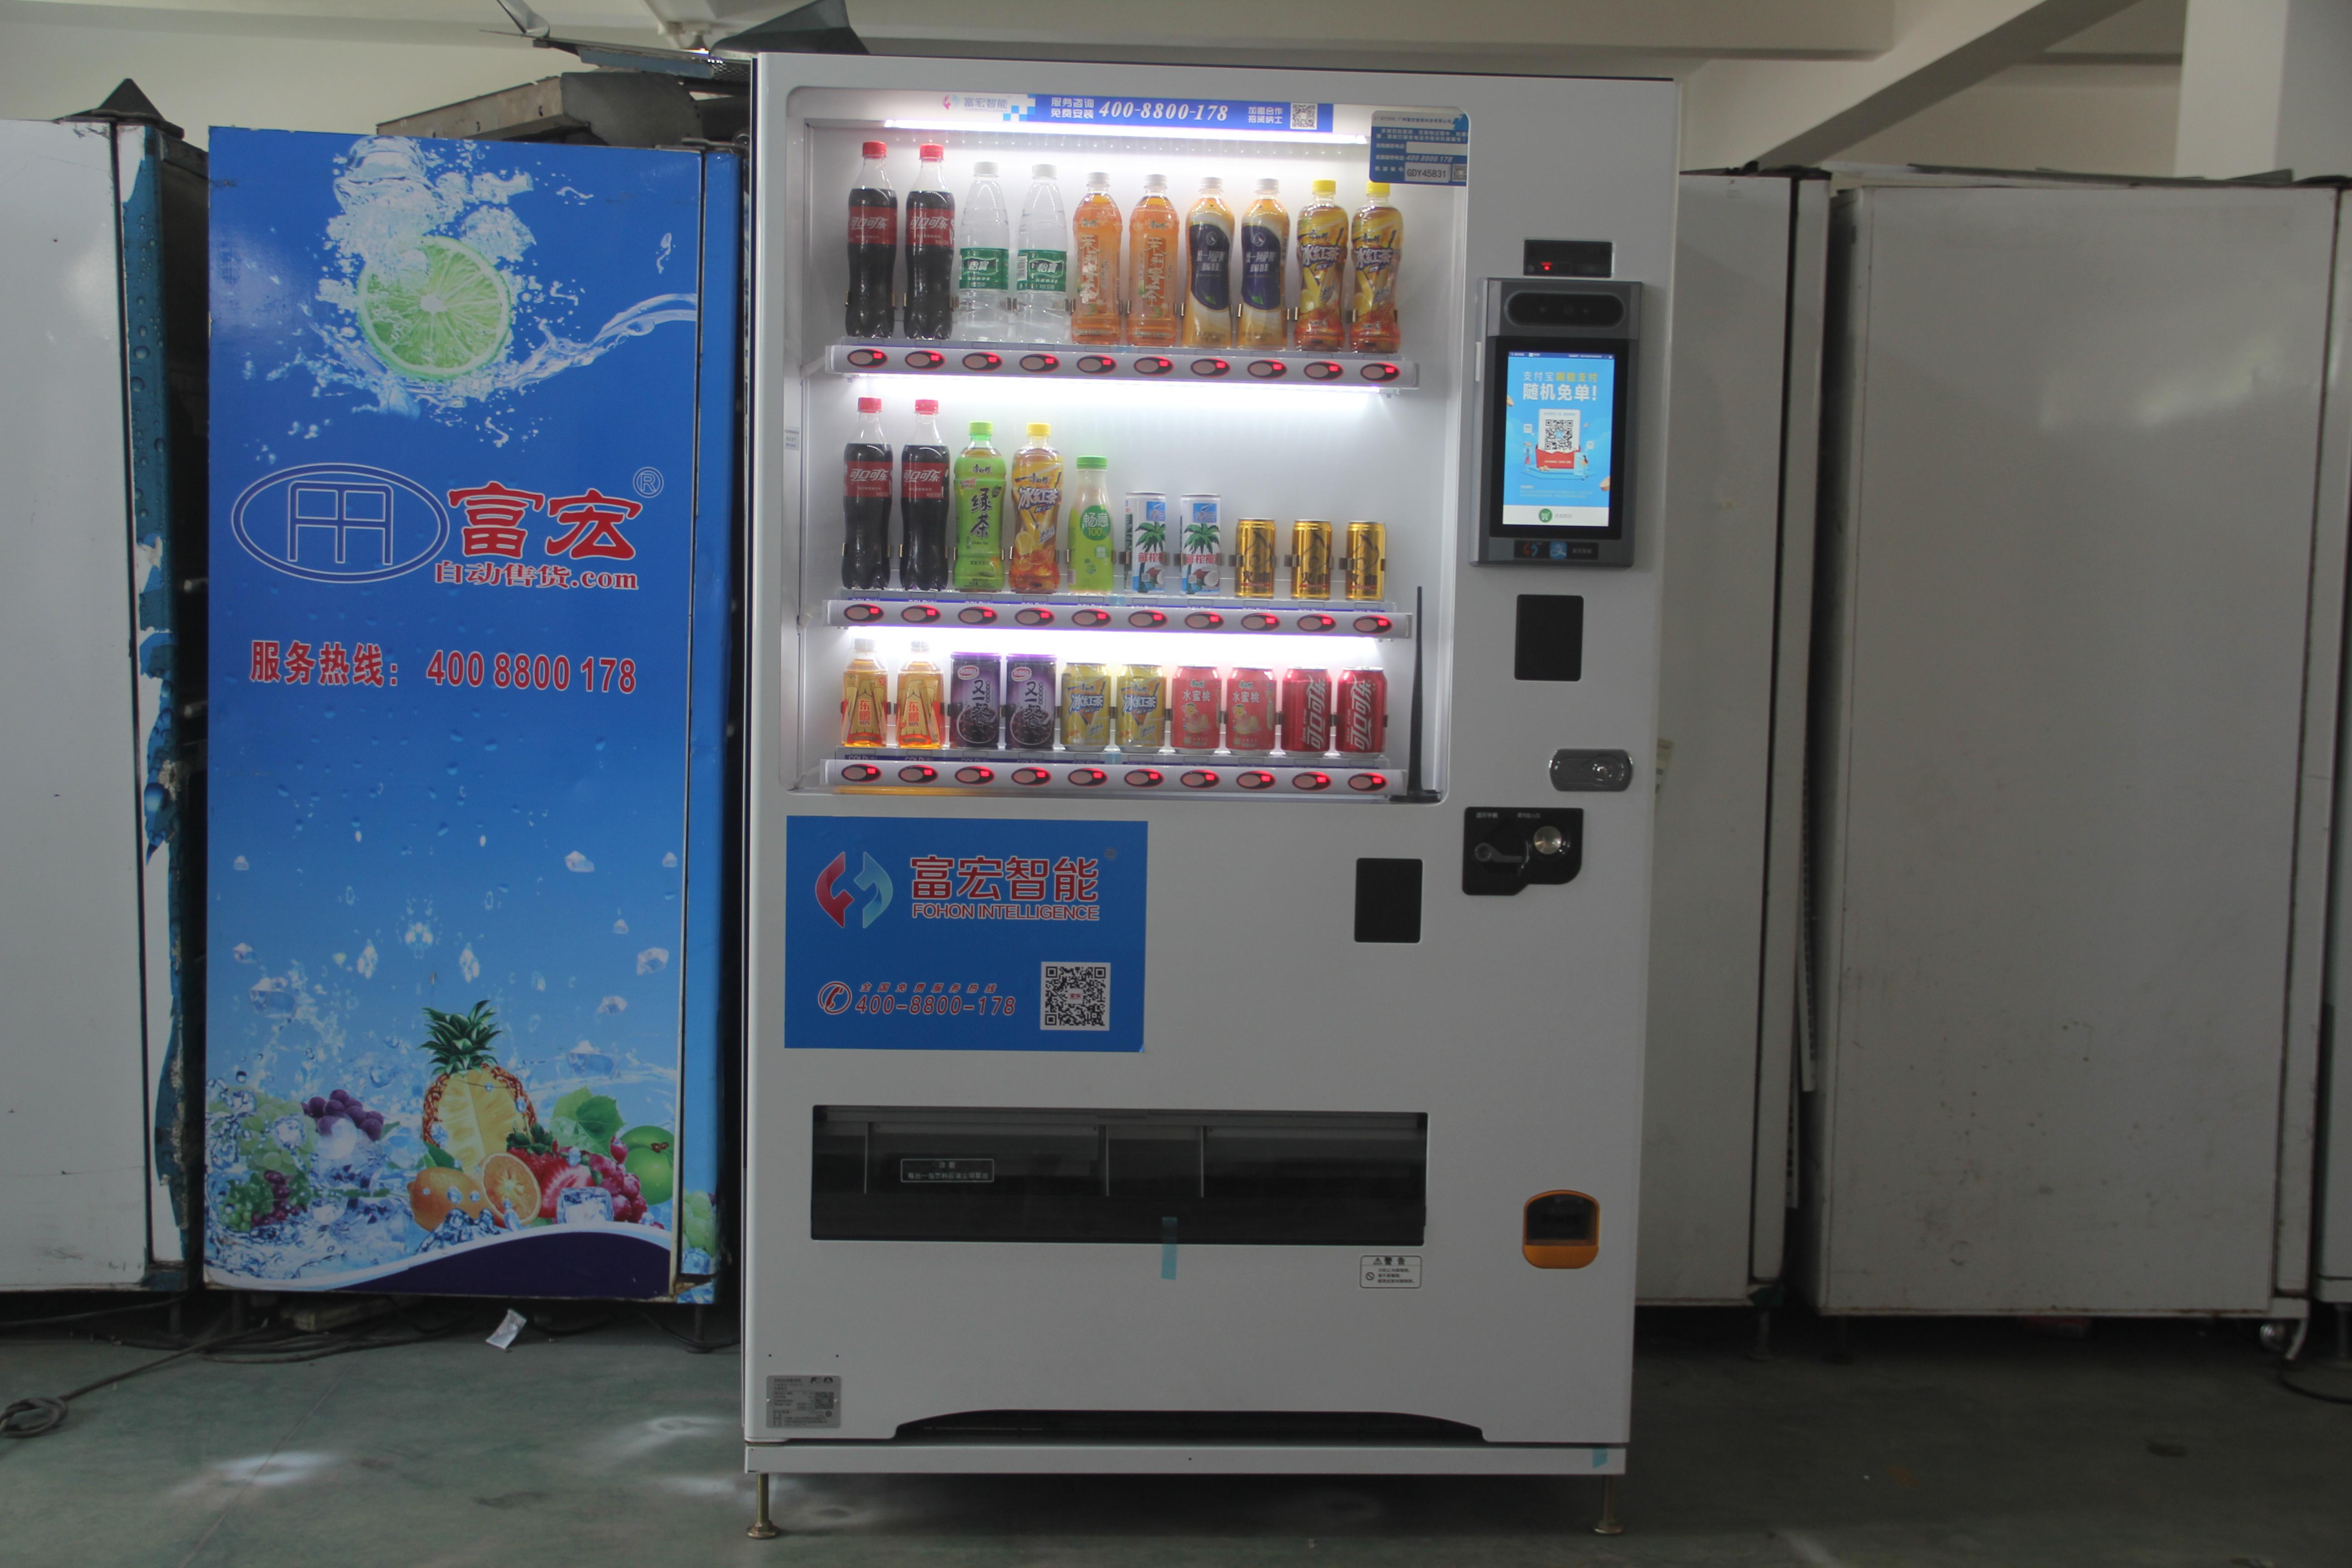 自动售货机,无人售货机,自动售卖机,自动贩卖机,售货机,售卖机,自动售货机多少钱一台,自动售货机价格,广州自动售货机